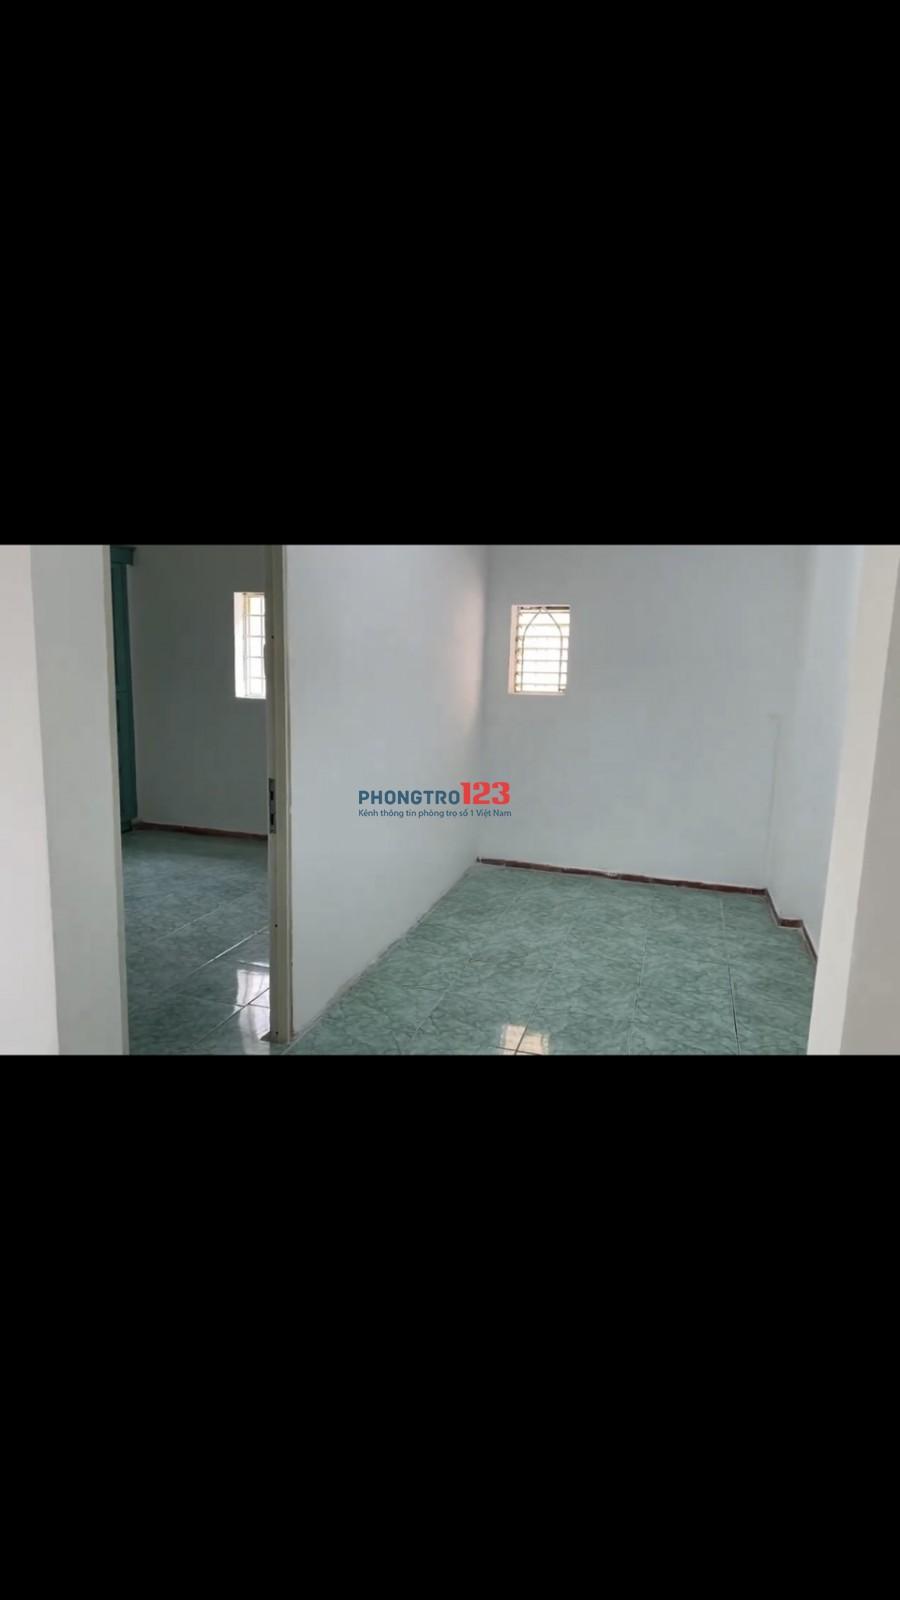 Chính chủ cho thuê căn hộ chung cư 60m2 1pn tại 222 Lê Văn Sỹ, P.14, Q.3. Giá 7.5tr/th